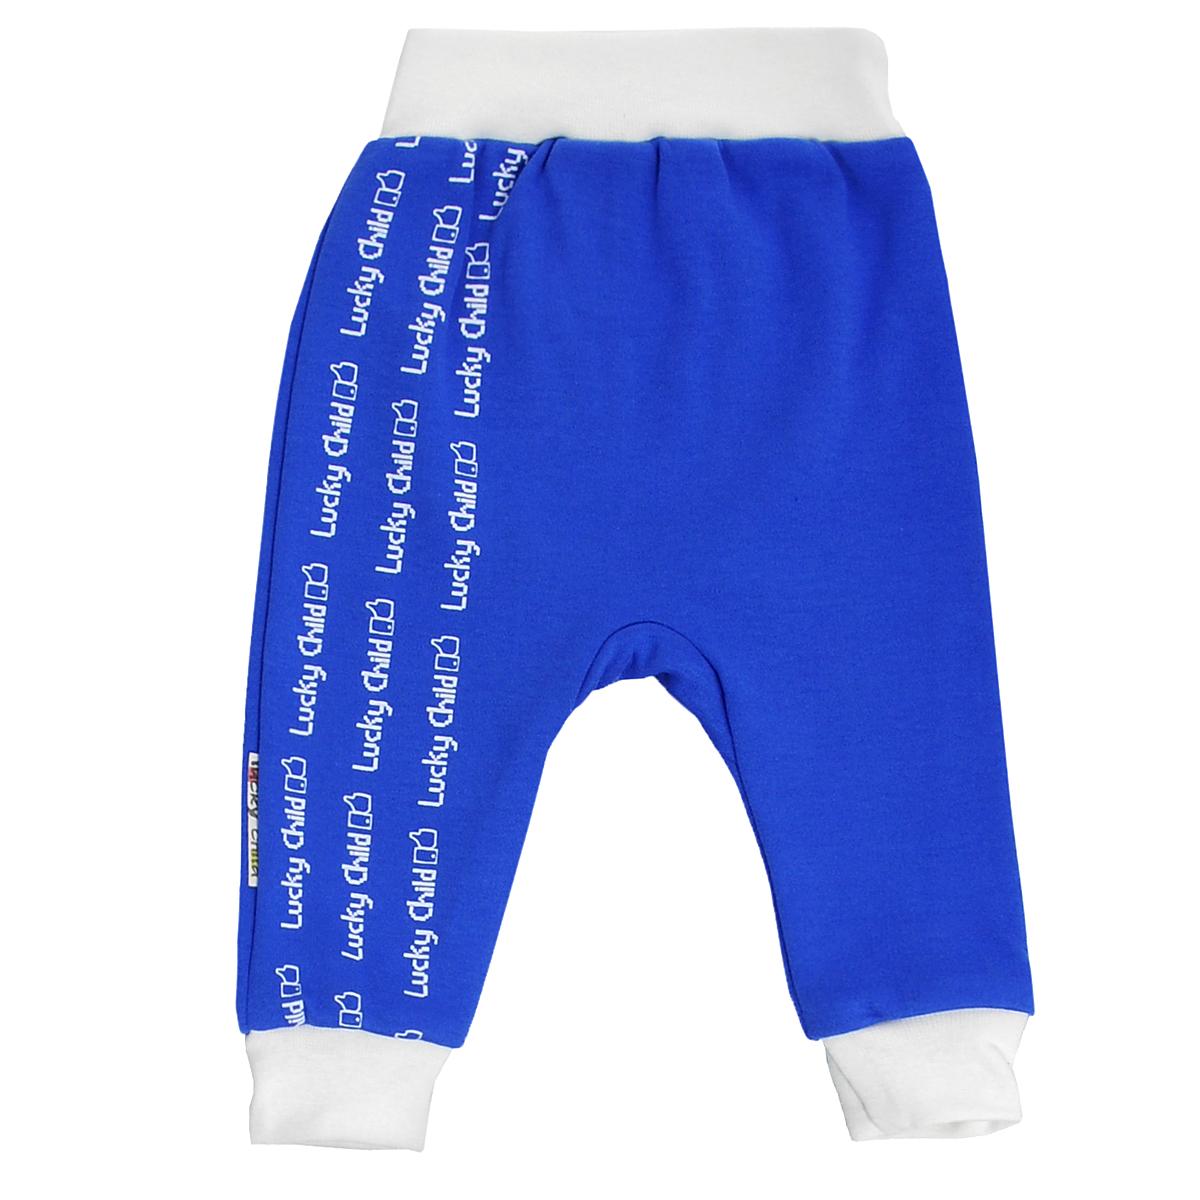 Штанишки на широком поясе для мальчика Lucky Child, цвет: синий. 9-11. Размер 56/62